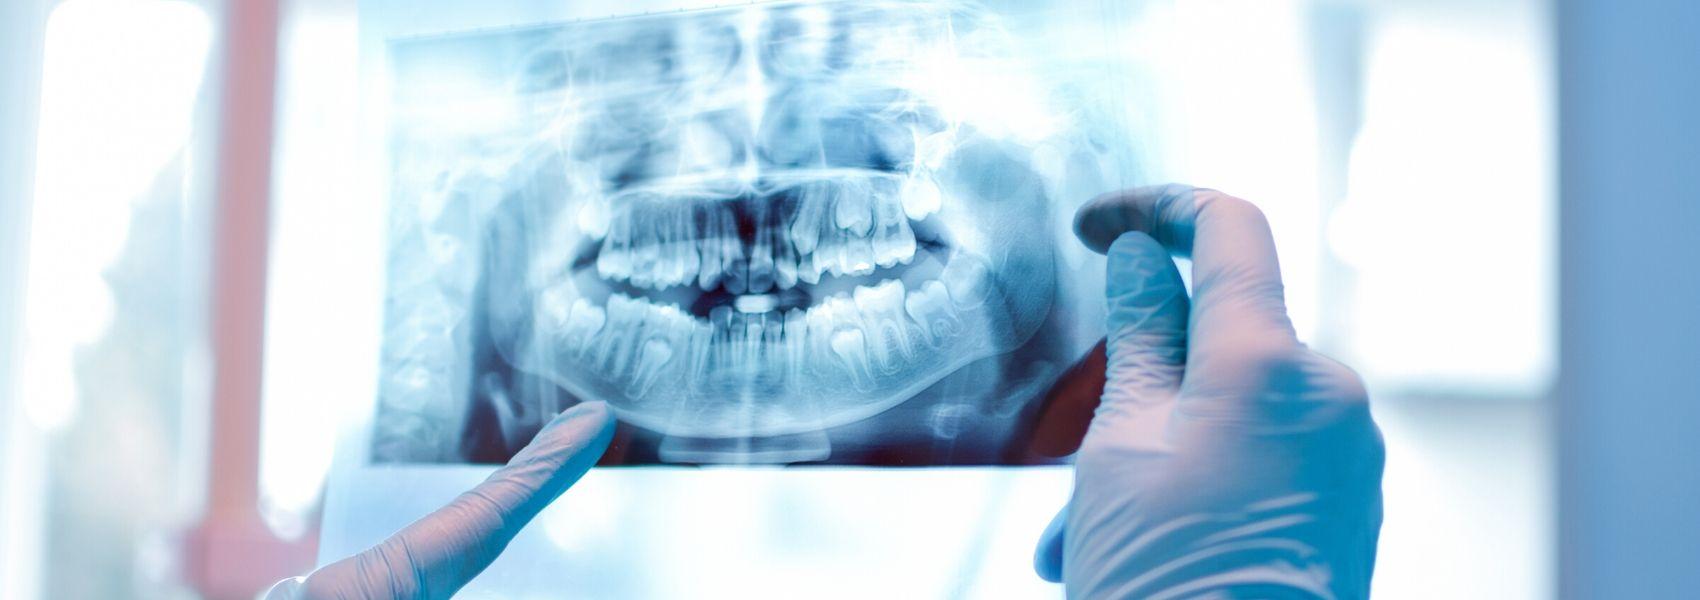 Cirurgia corrige maxilares desproporcionais e assimétricos